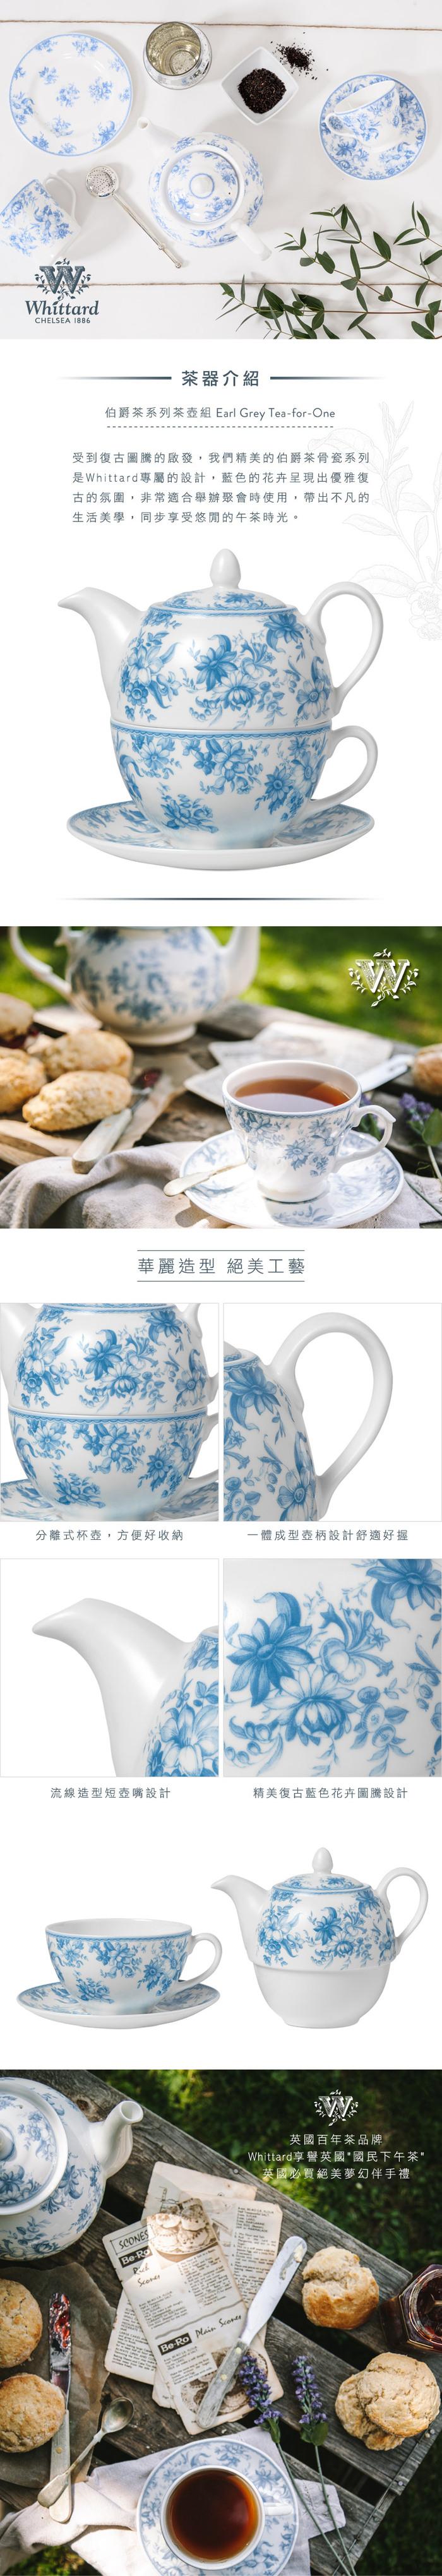 (複製)Whittard | 伯爵茶系列馬克杯